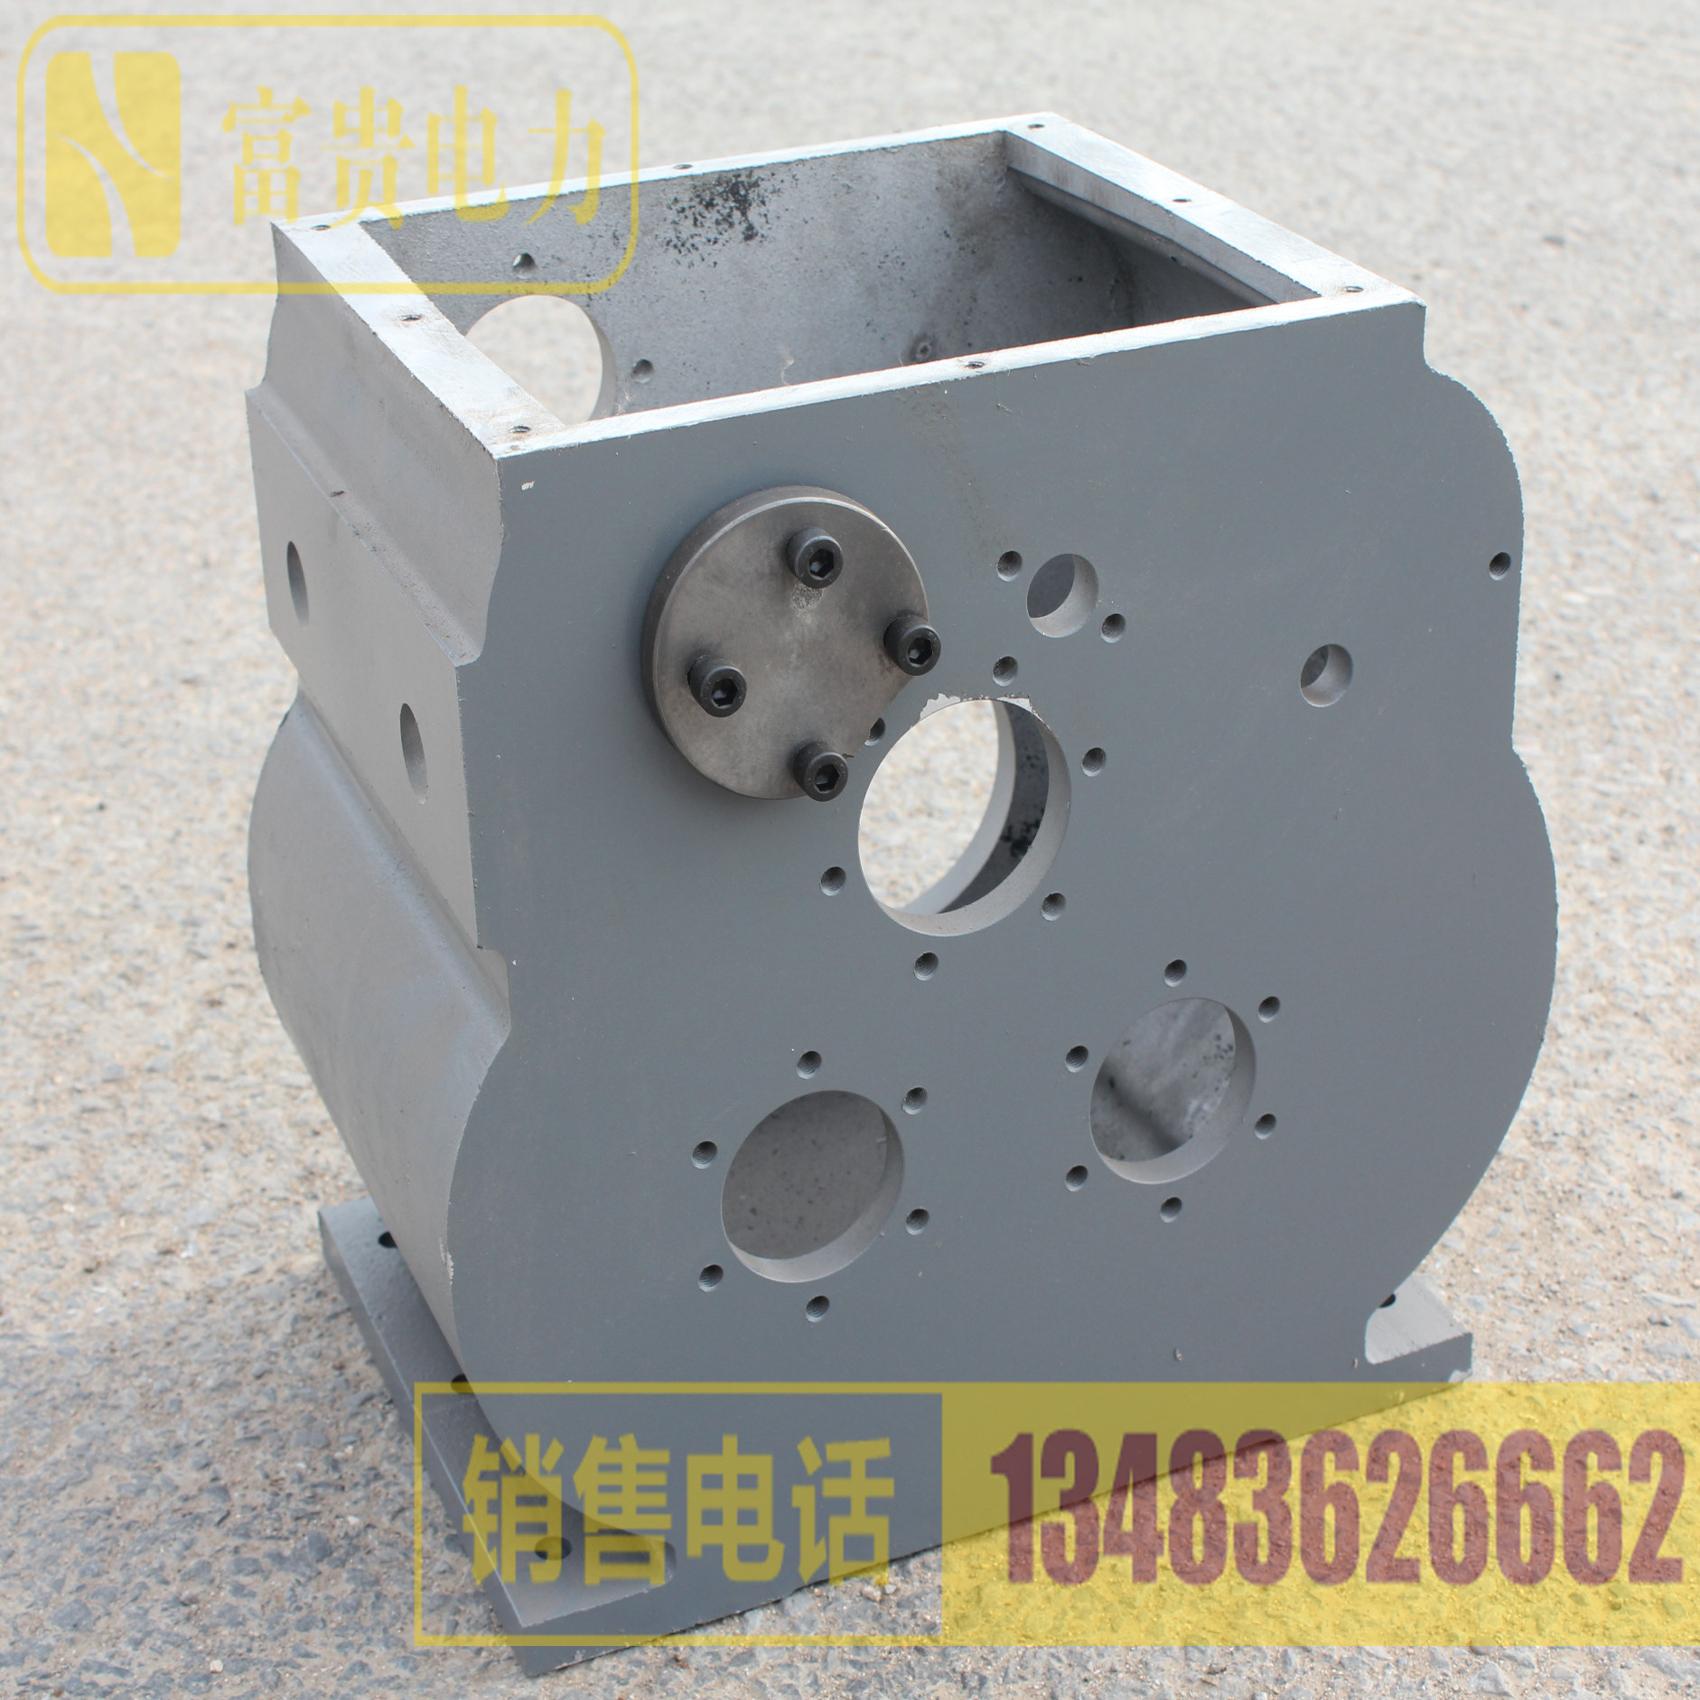 絞磨機鎂鋁合金外殼  絞磨機變速箱箱體 絞磨機配件 卷揚機零件